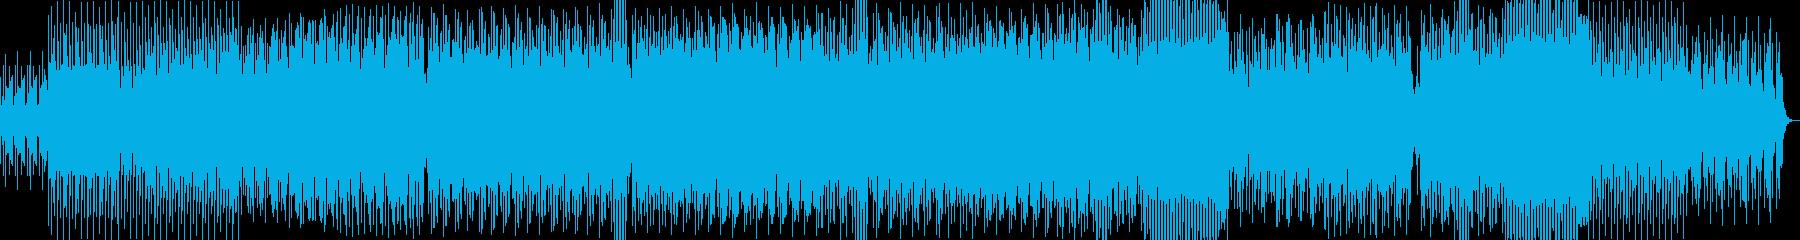 ワクワク感が溢れるギターポップハウス系の再生済みの波形